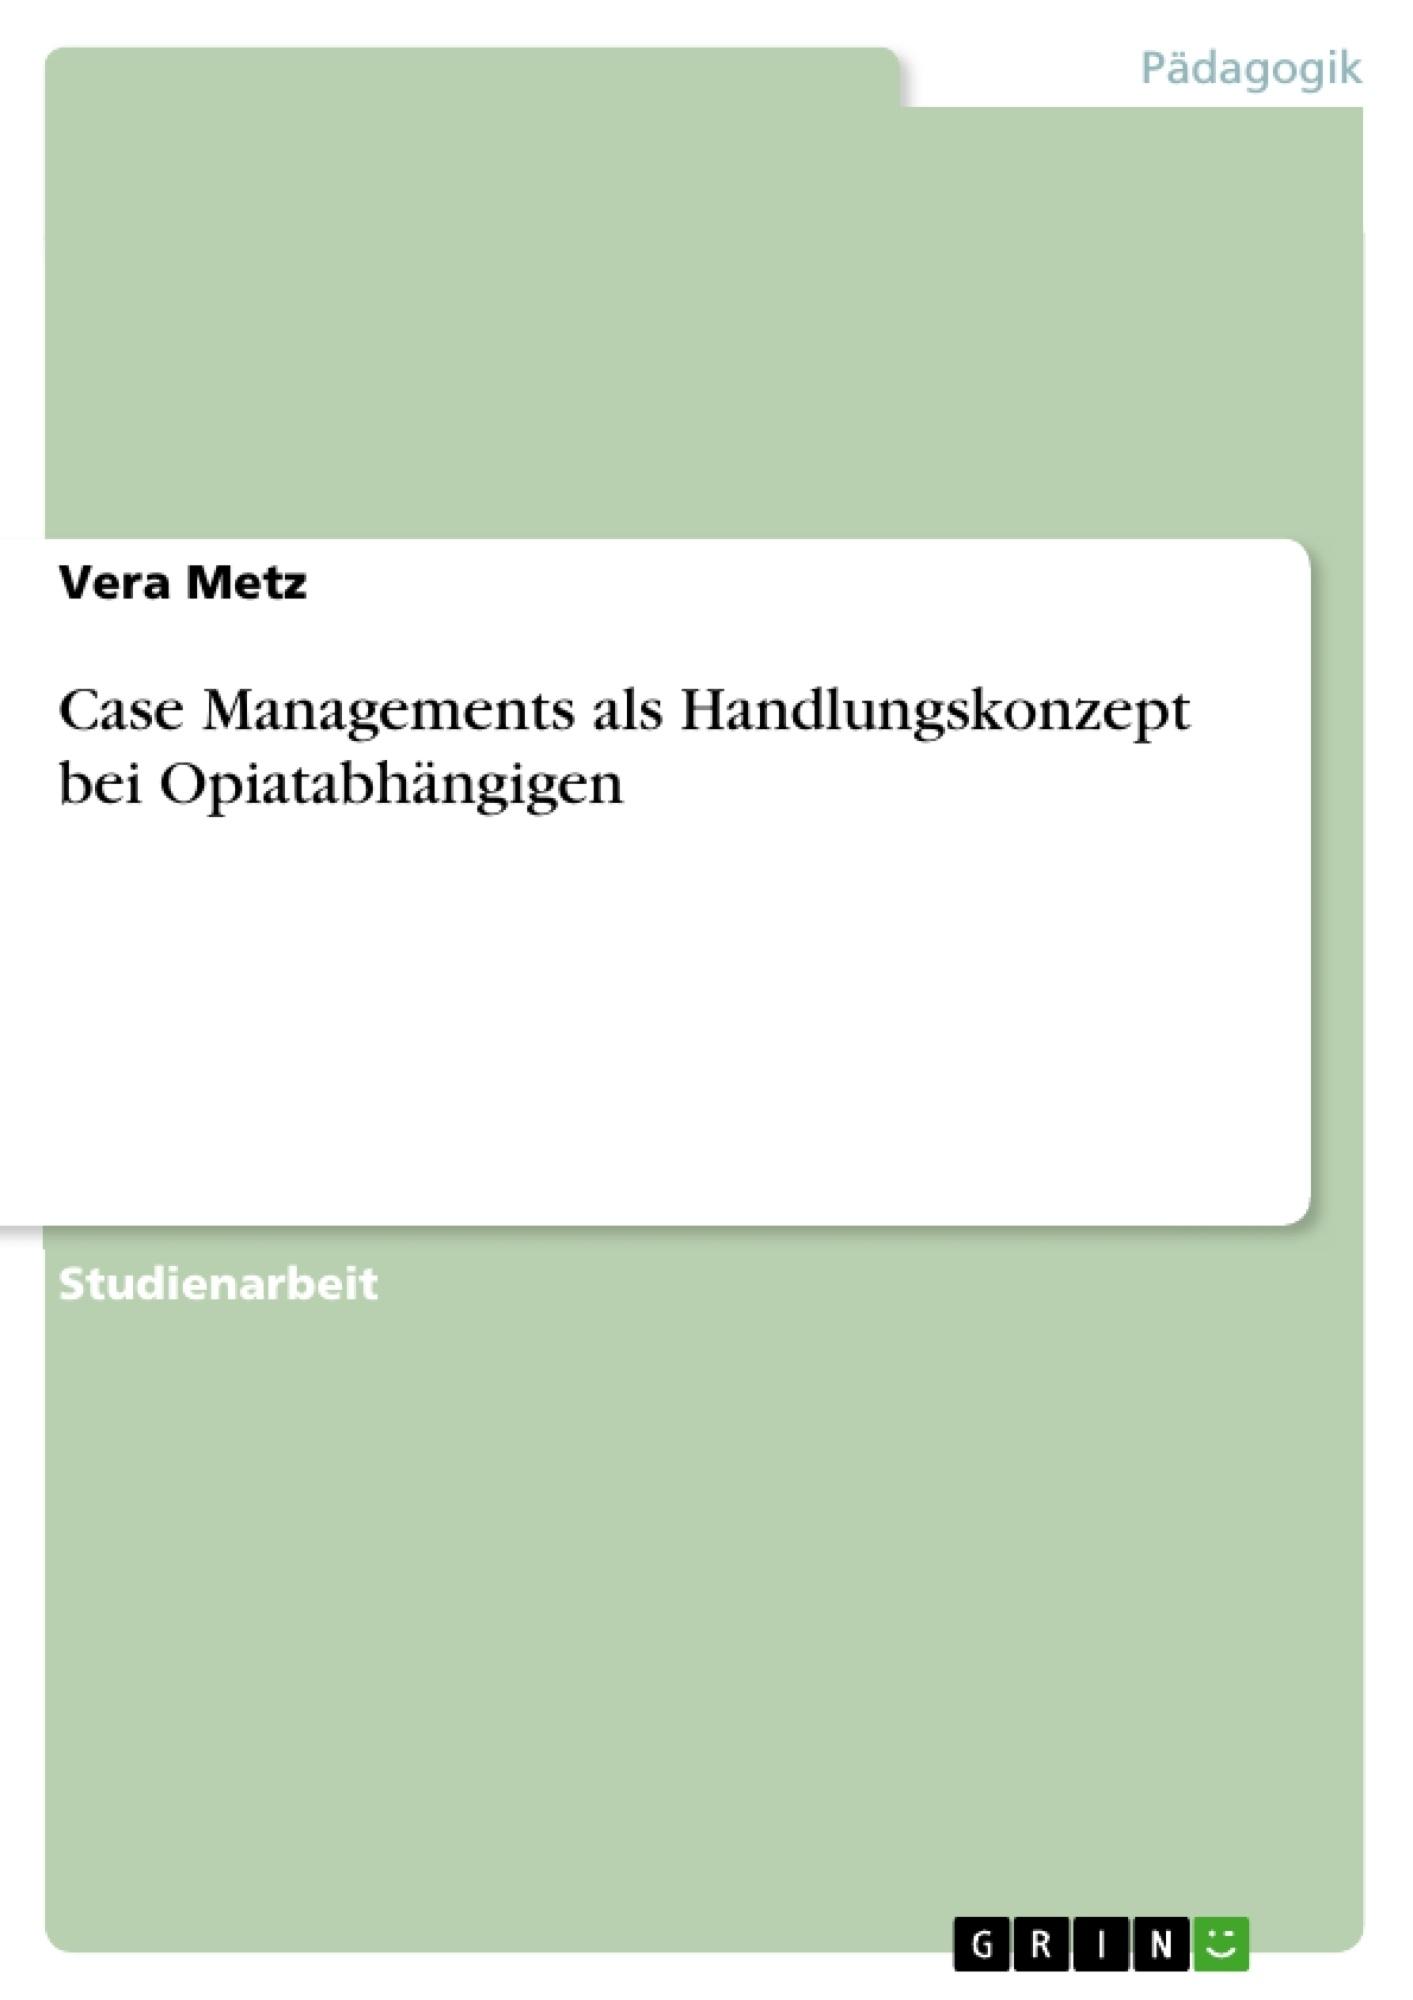 Titel: Case Managements als Handlungskonzept bei Opiatabhängigen